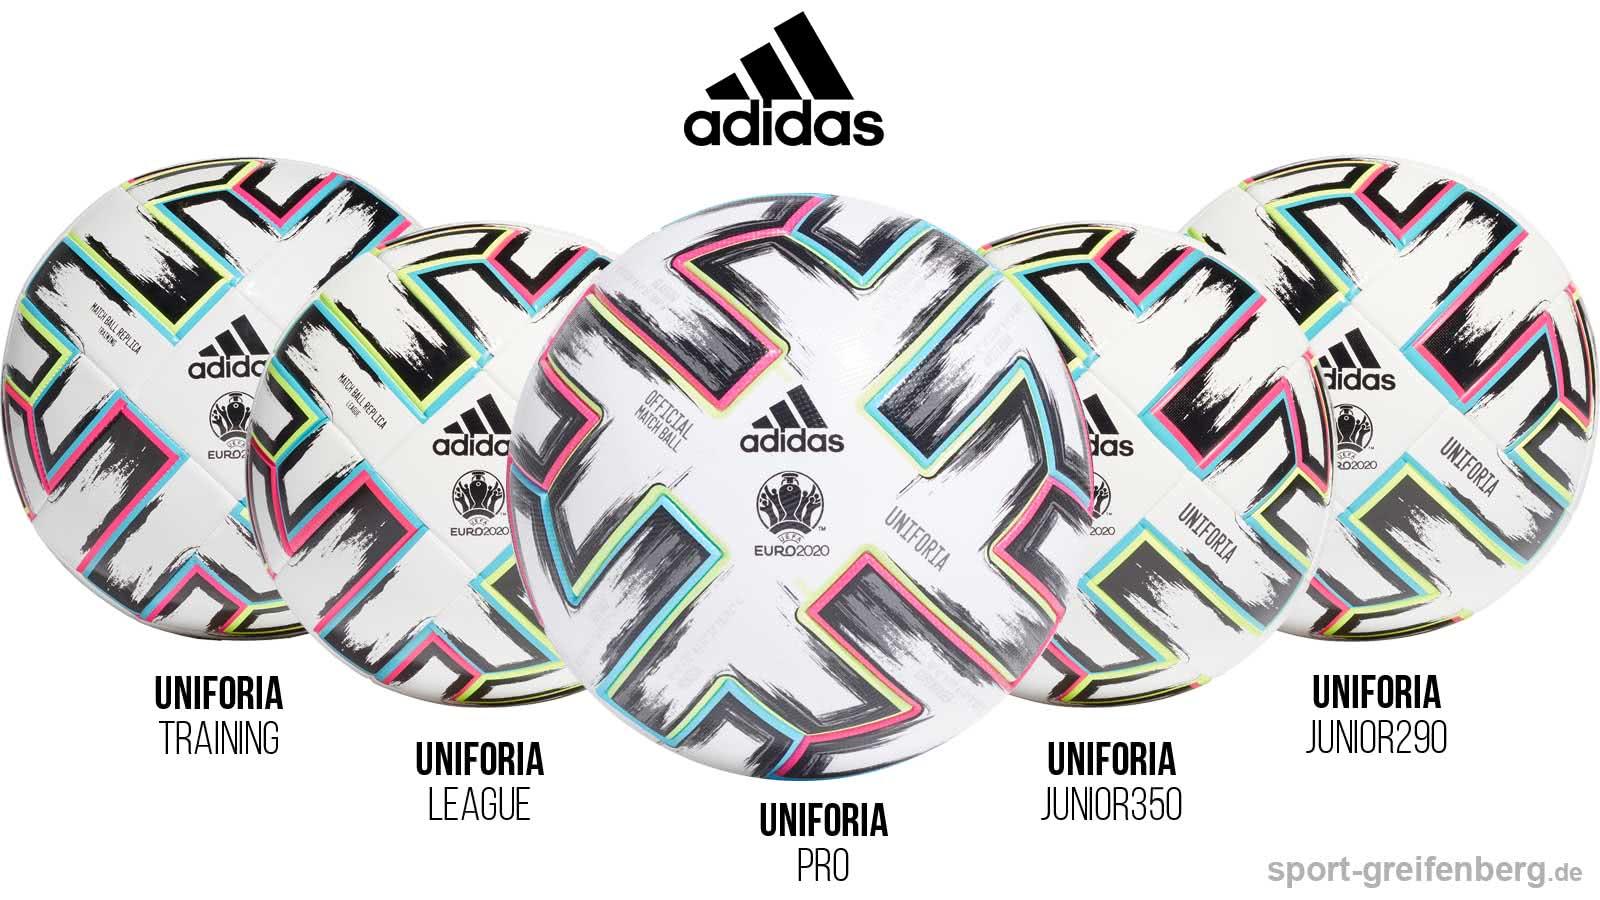 Die unterschiedlichen adidas Uniforia Bälle